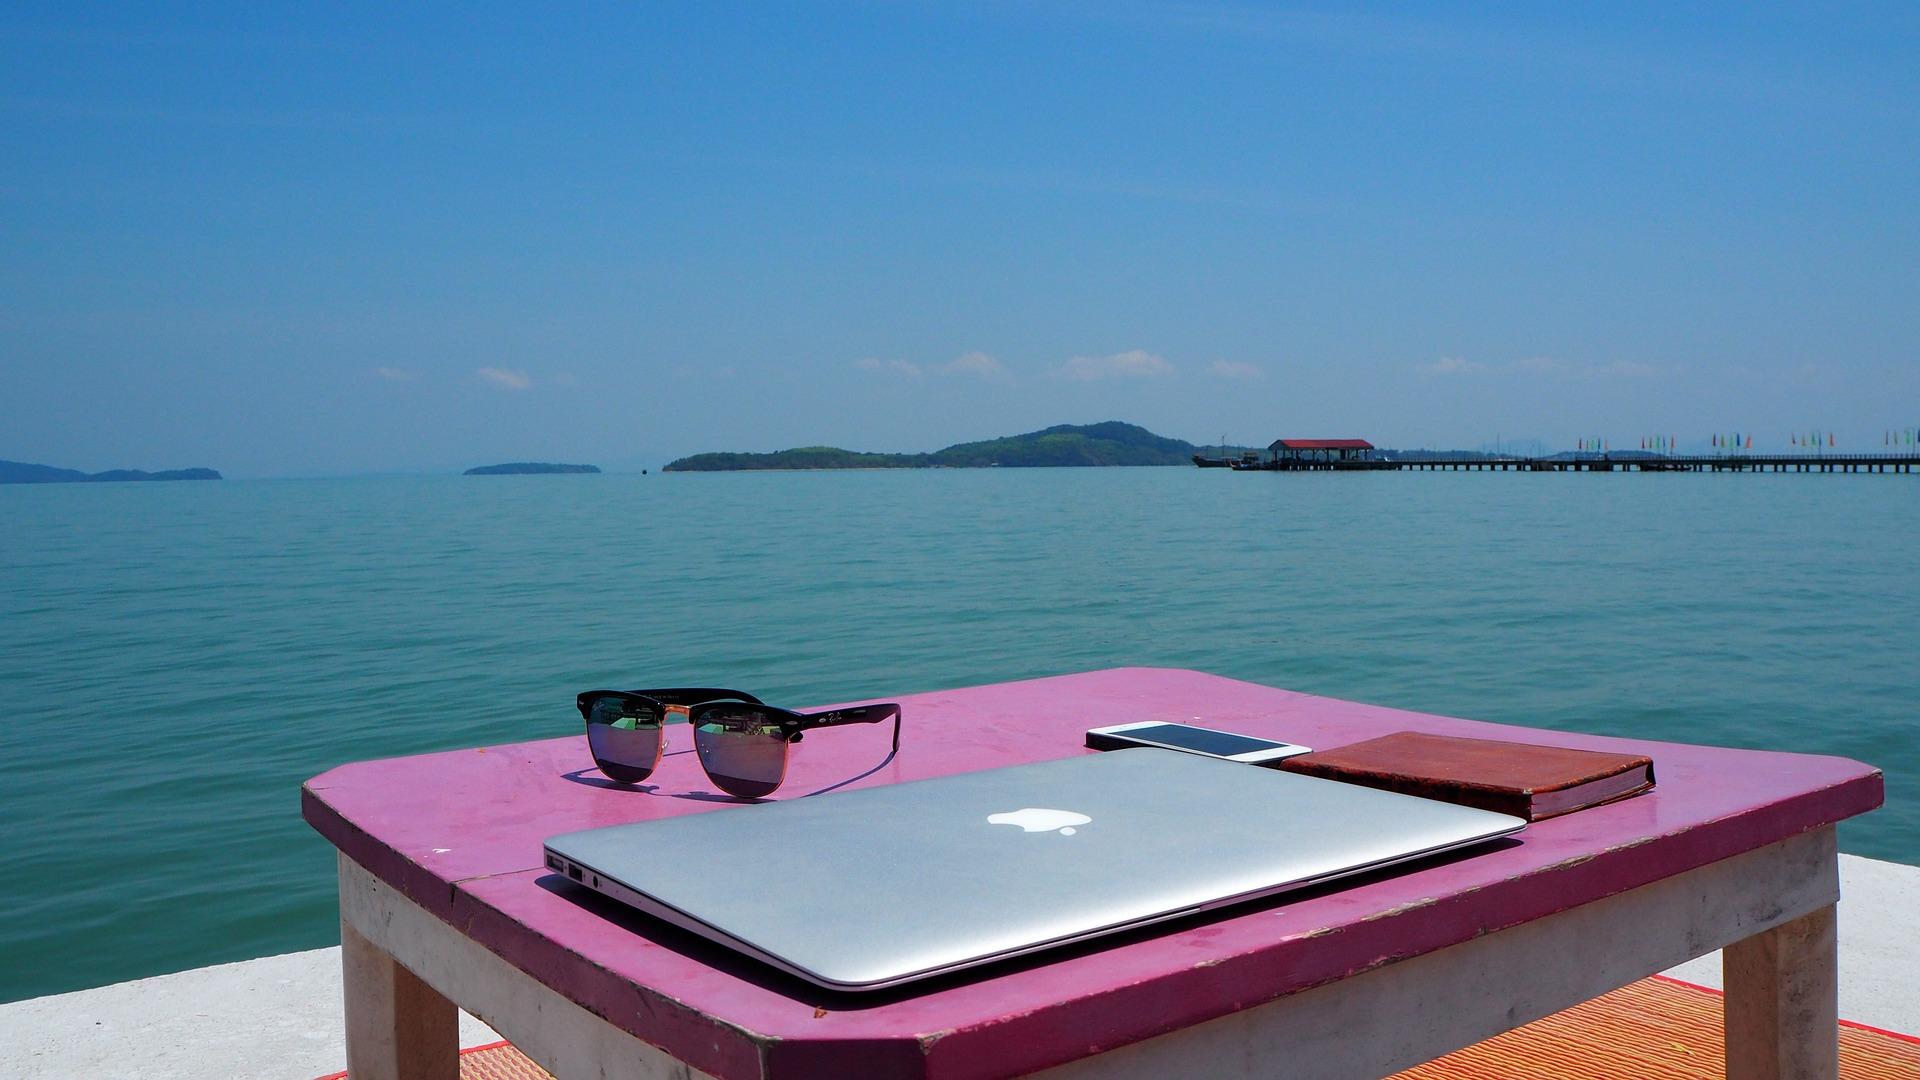 mit Laptop und Handy am Strand arbeiten, Foto CC0 Pixabay